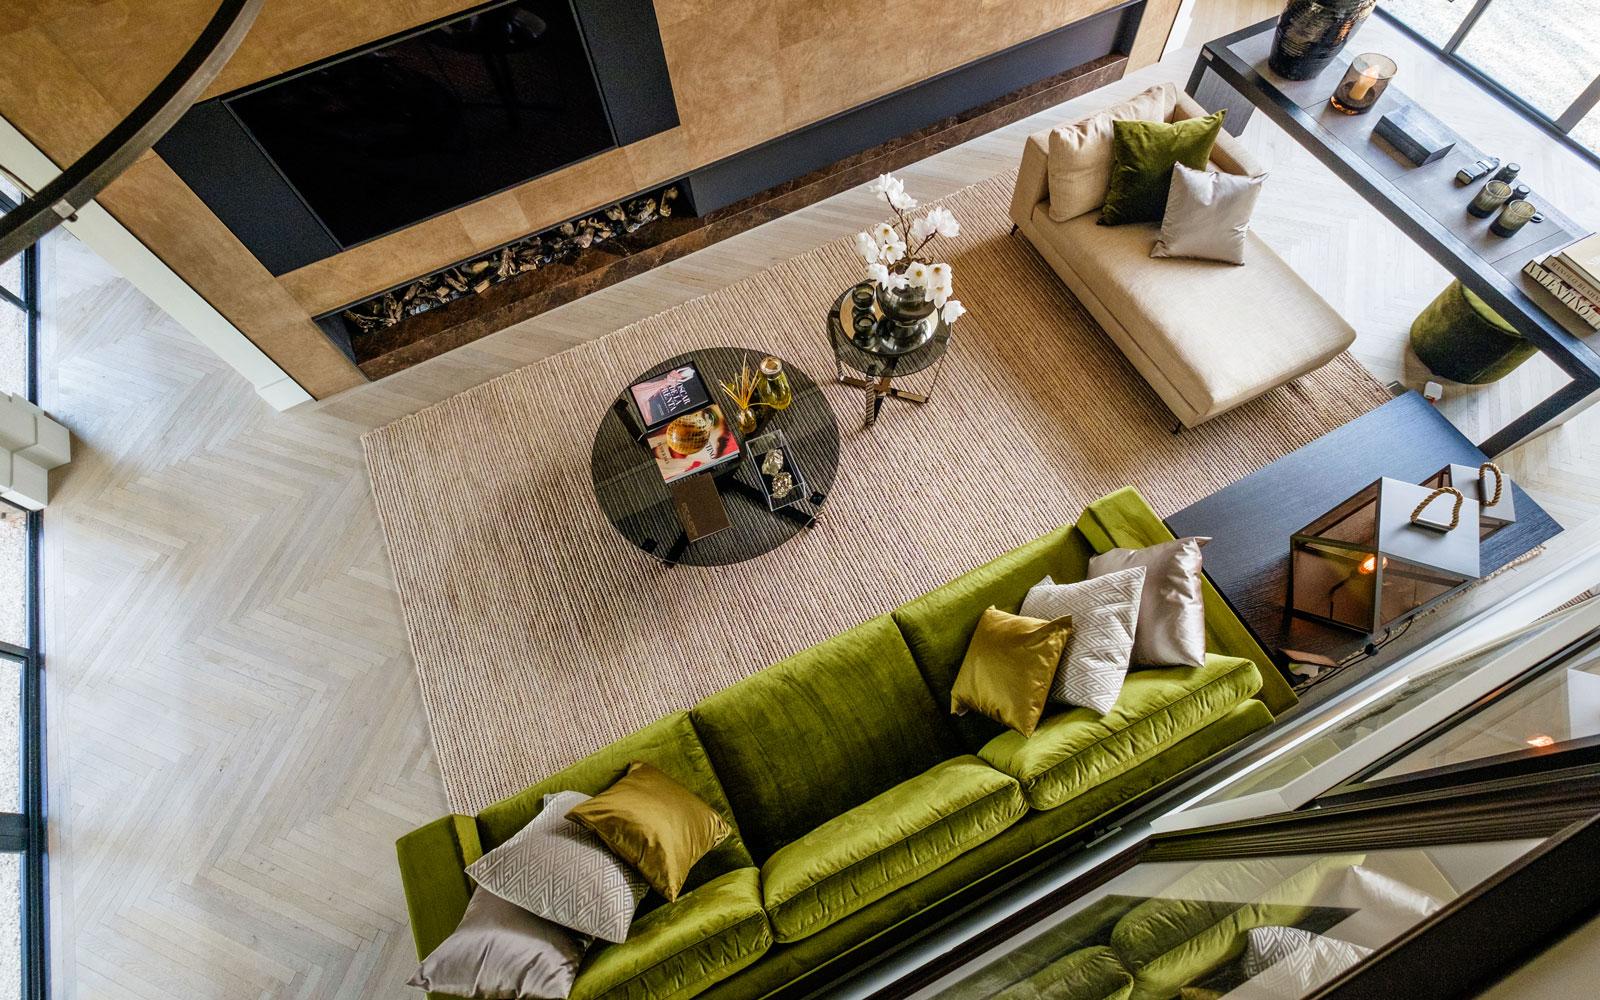 Inspiratieatelier, houten vloer in visgraatmotief door Theo van Epen. De open haard is afkomstig van Jos Harm, showroom, architectenbureau Kabaz